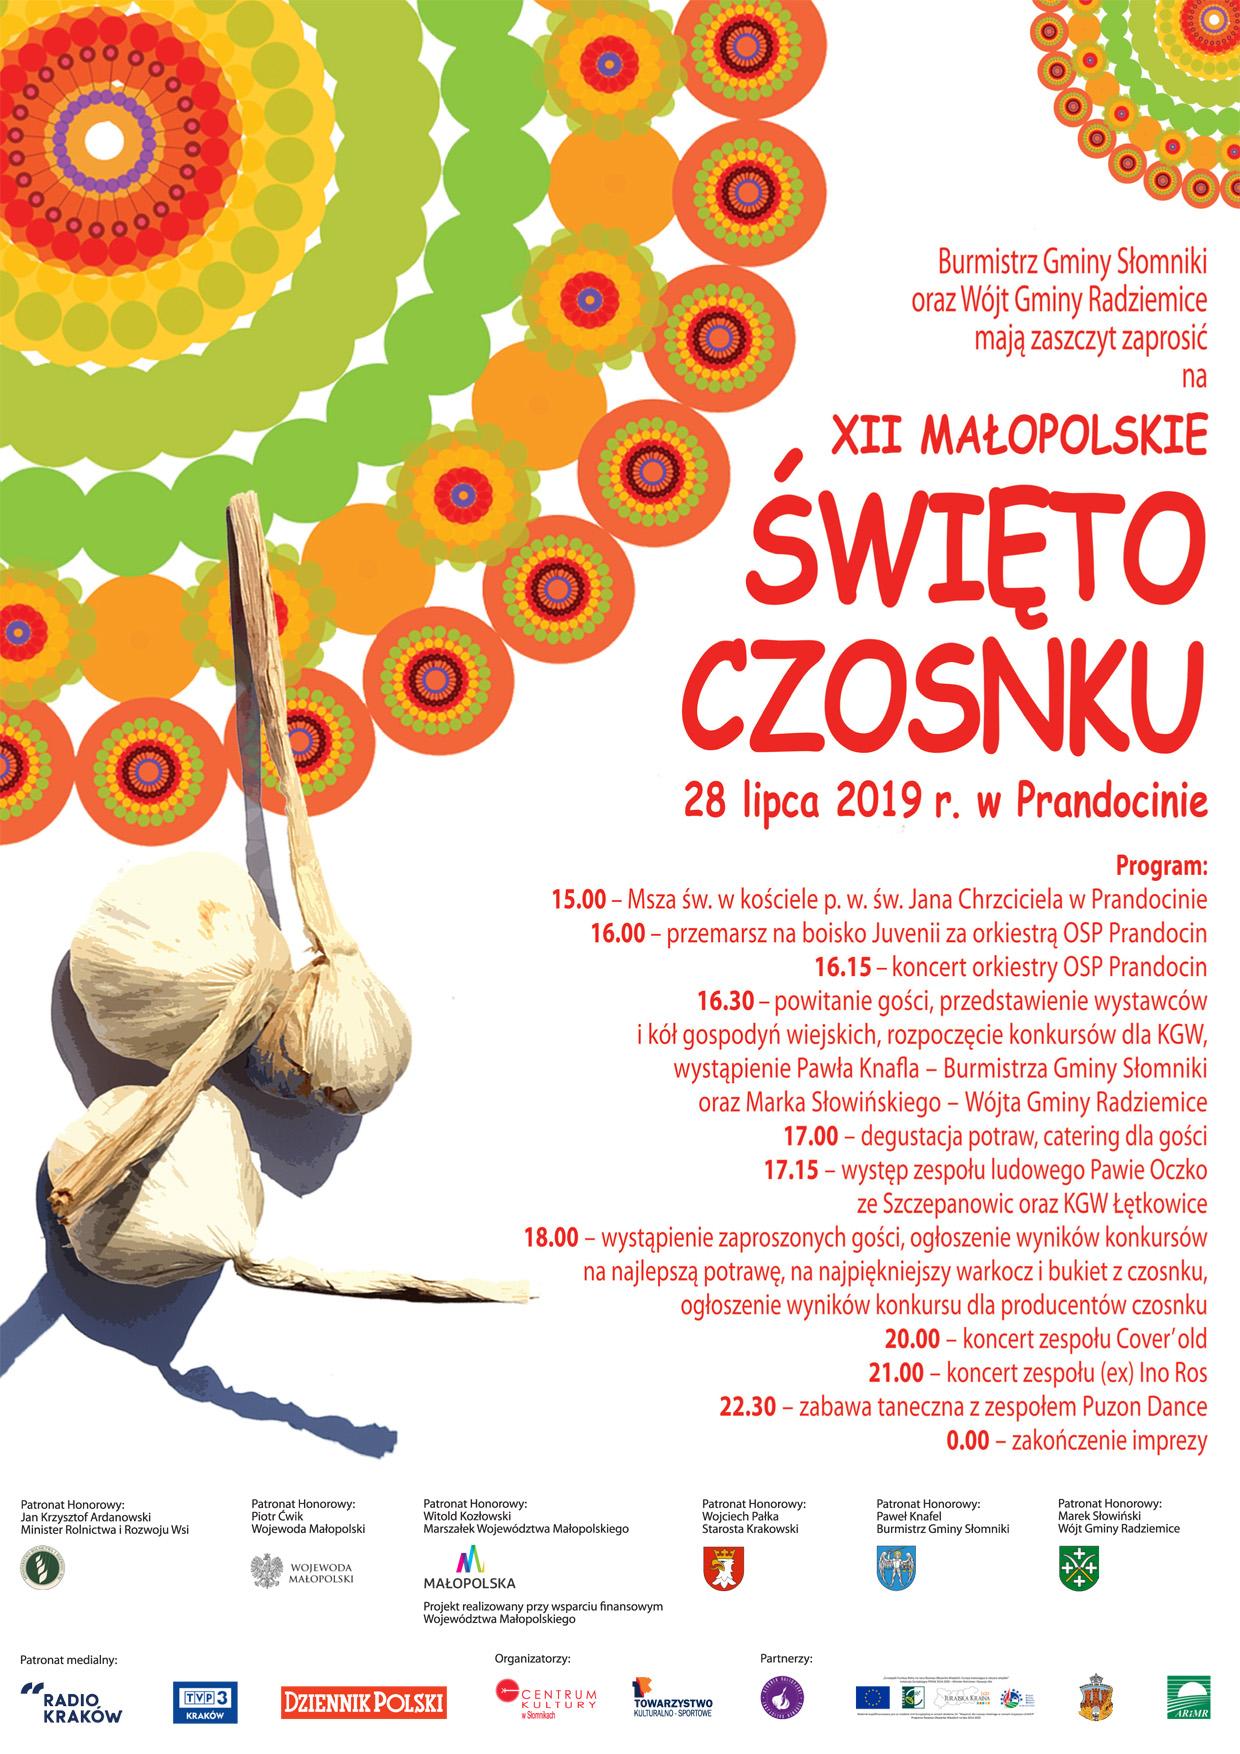 XII Małopolskie Święto Czosnku @ Prandocin | małopolskie | Polska